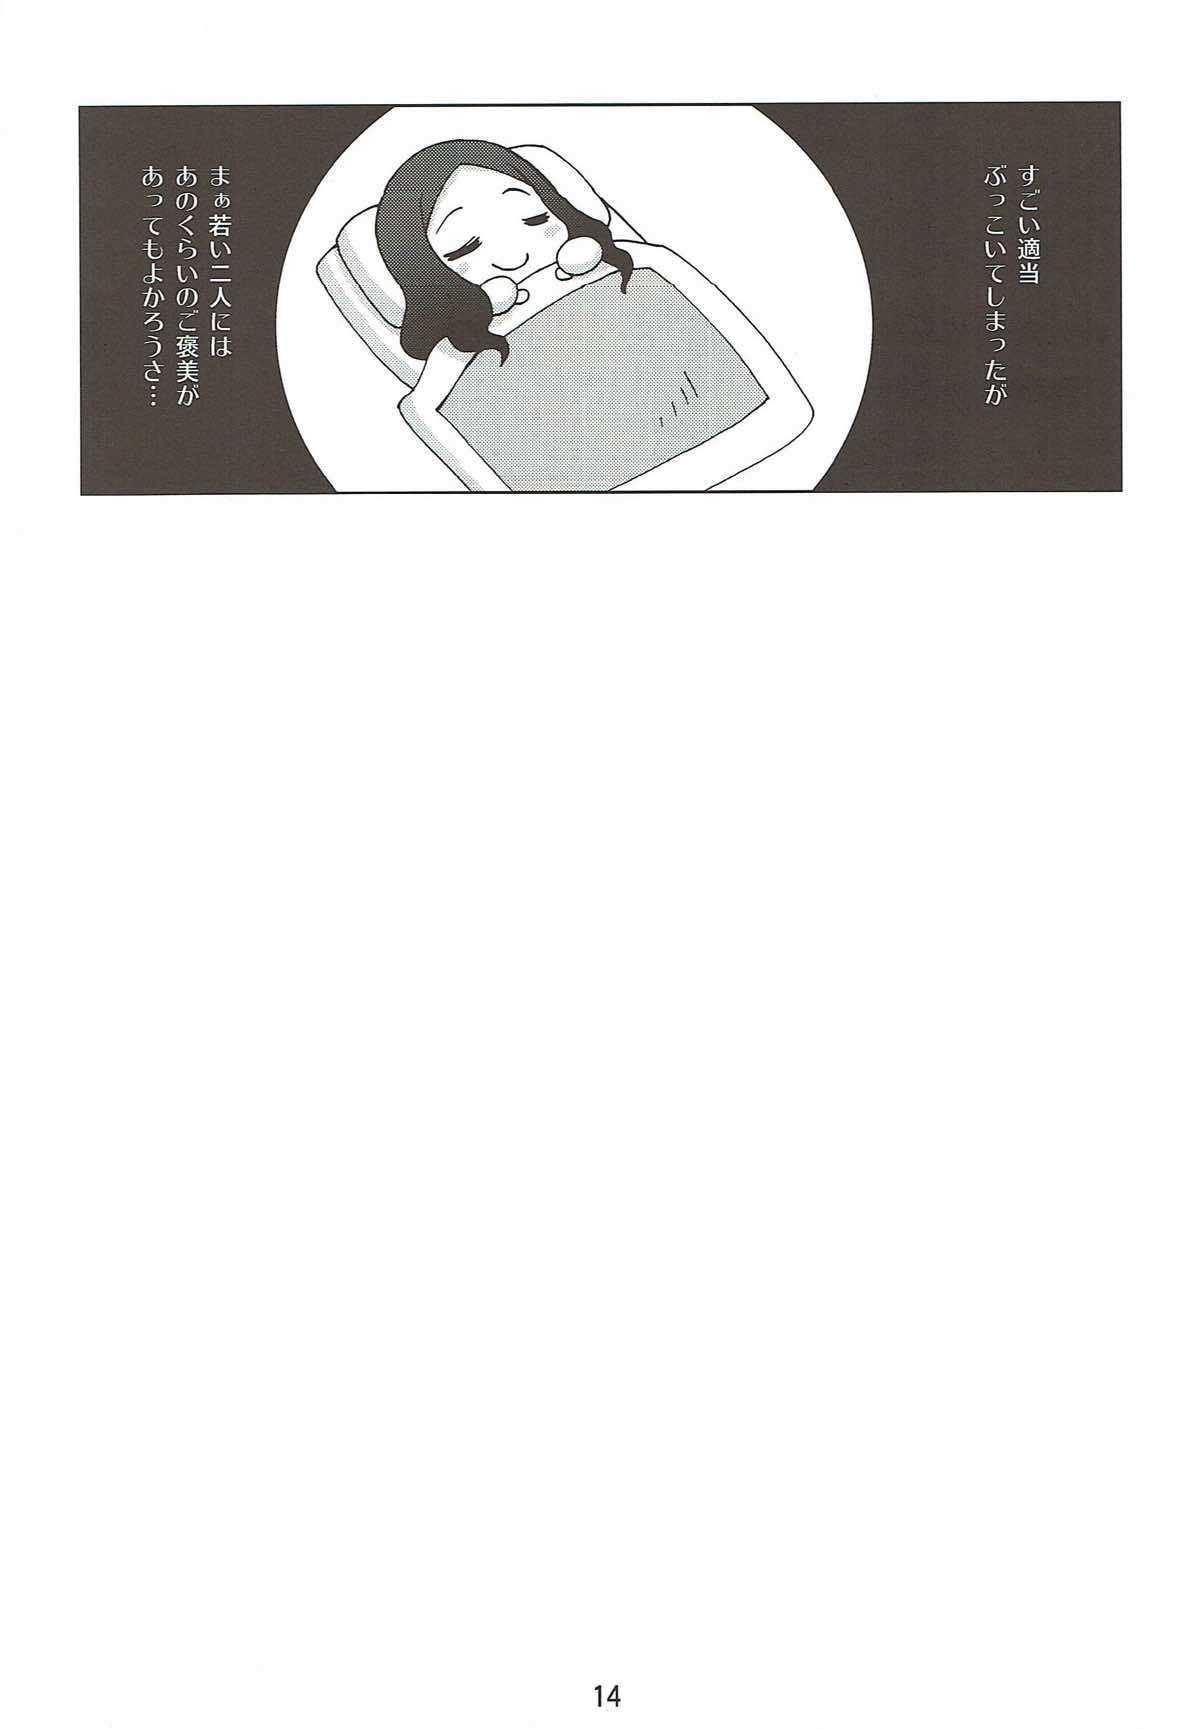 【エロ同人誌】先輩のことを癒したいマシュがセックスで積極的にご奉仕www【Fate/Grand Order/C92】